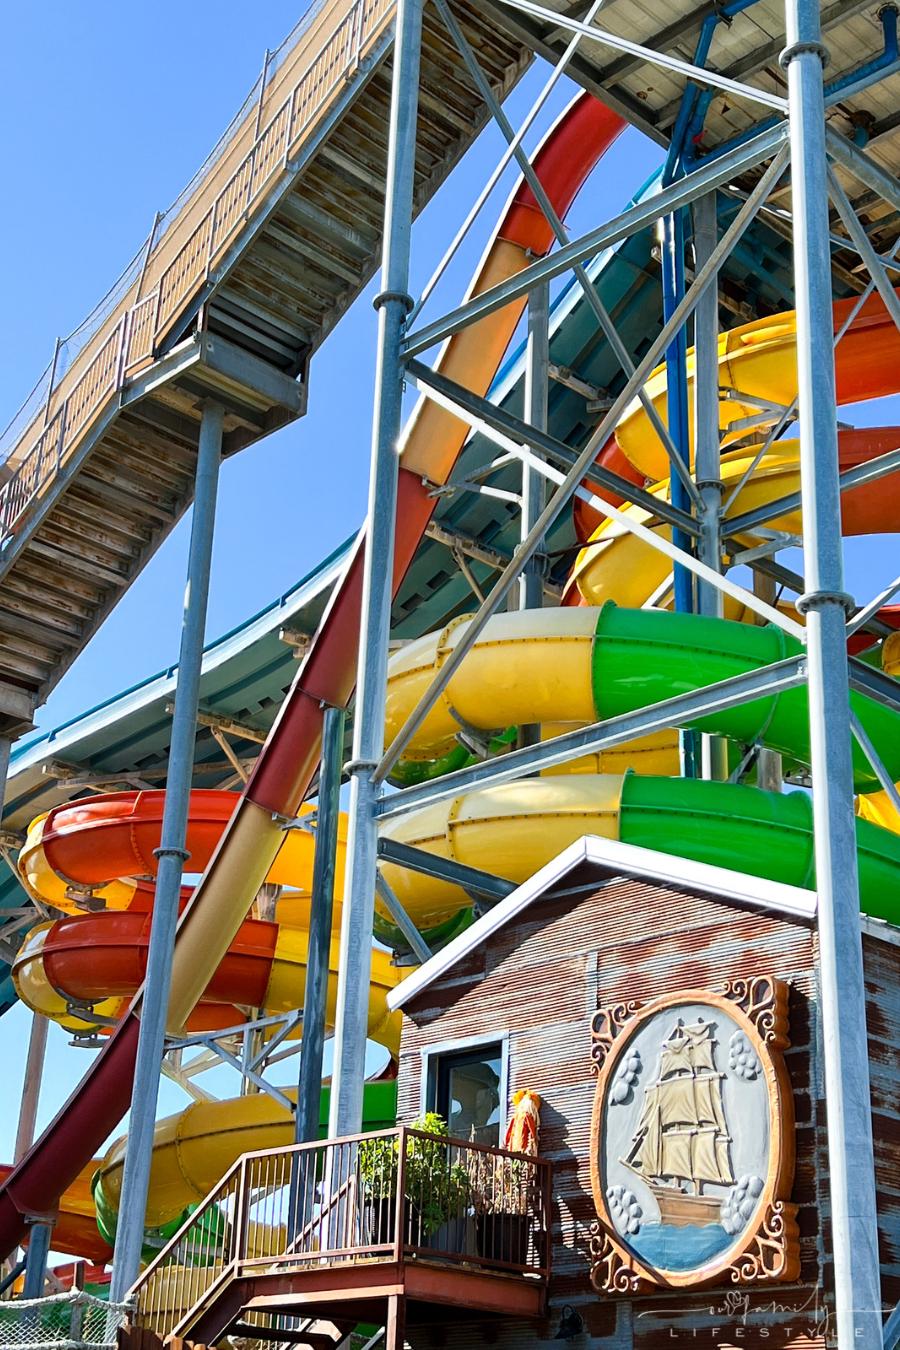 Jellystone waterpark